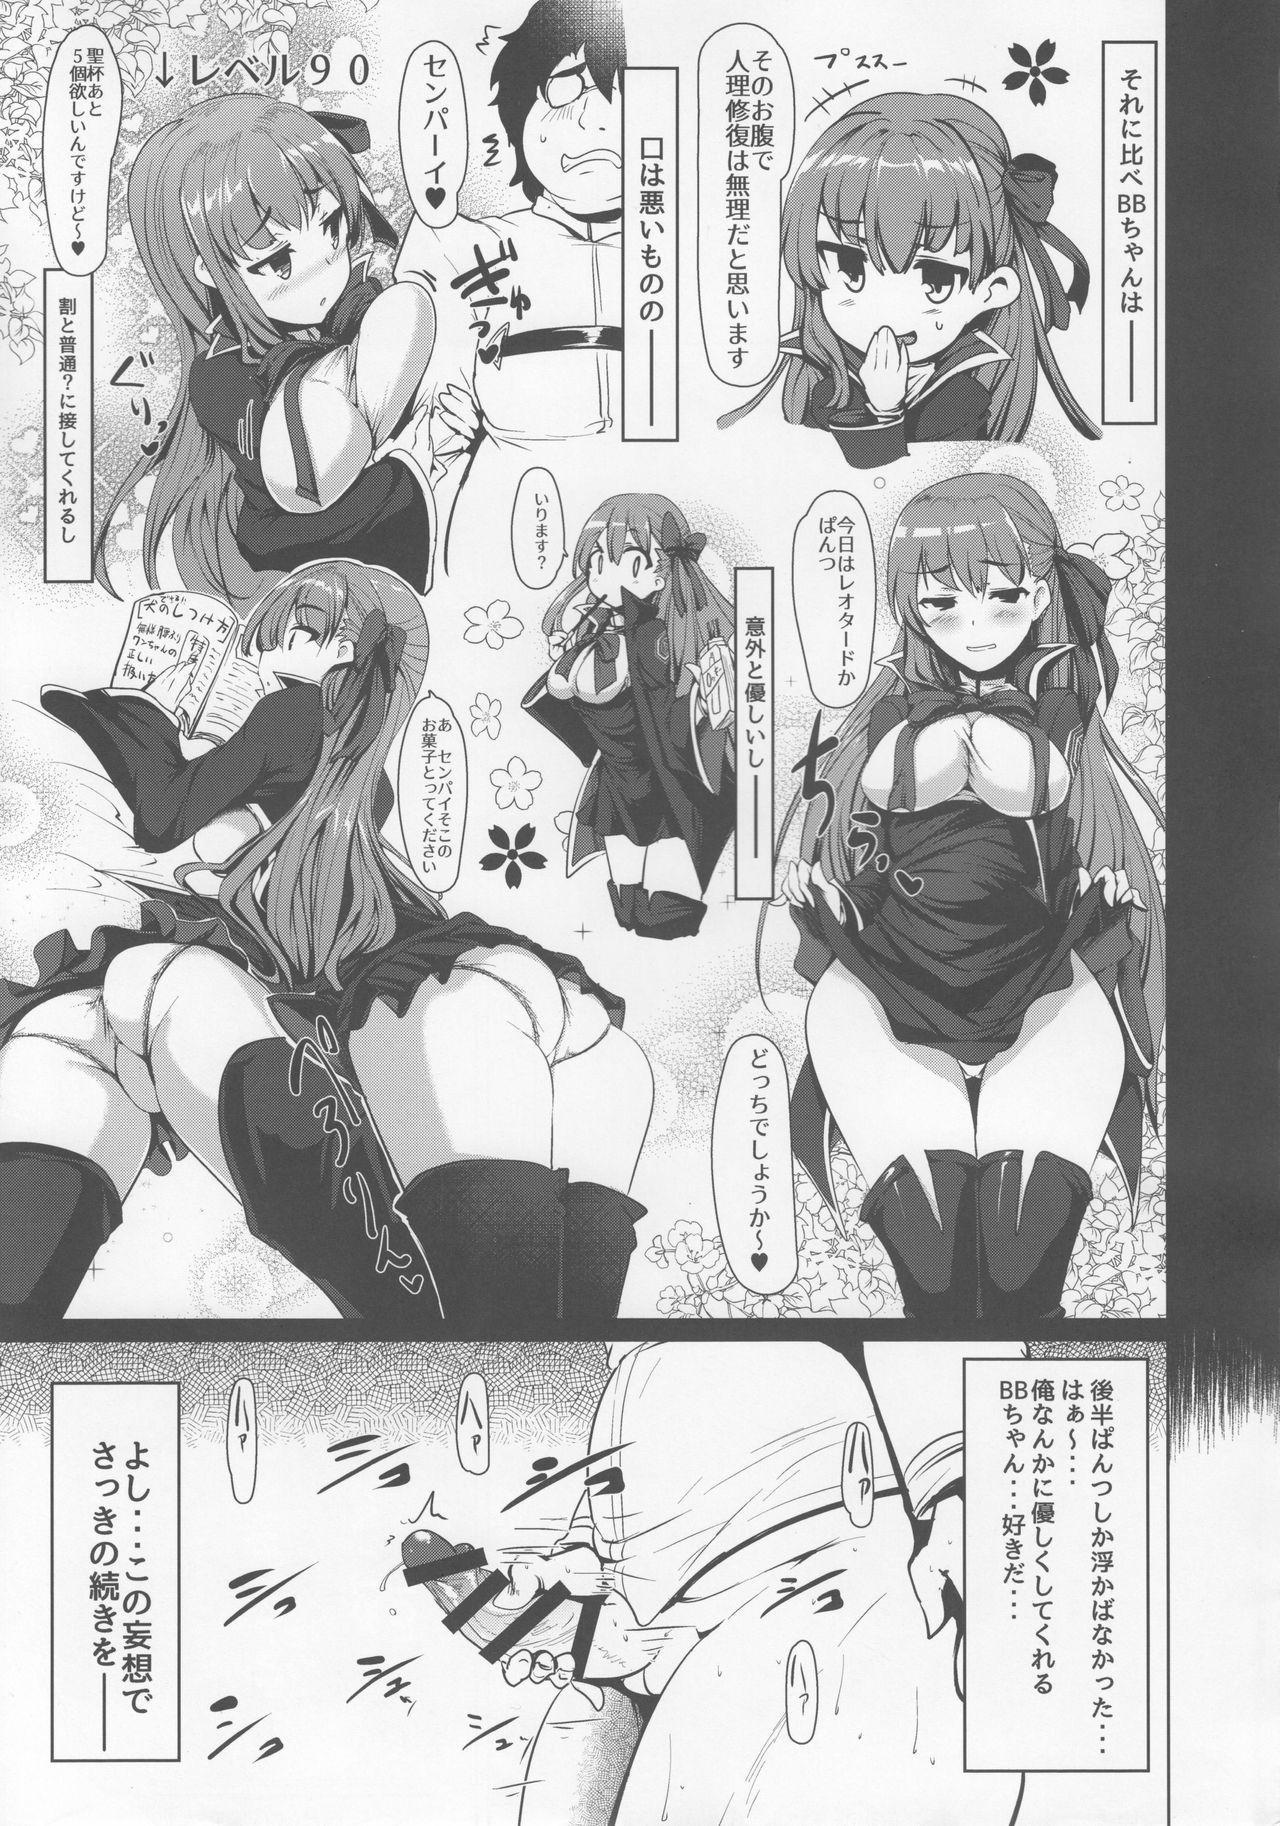 BB-chan wa Sunao ni Shasei Sasete Kurenai 9